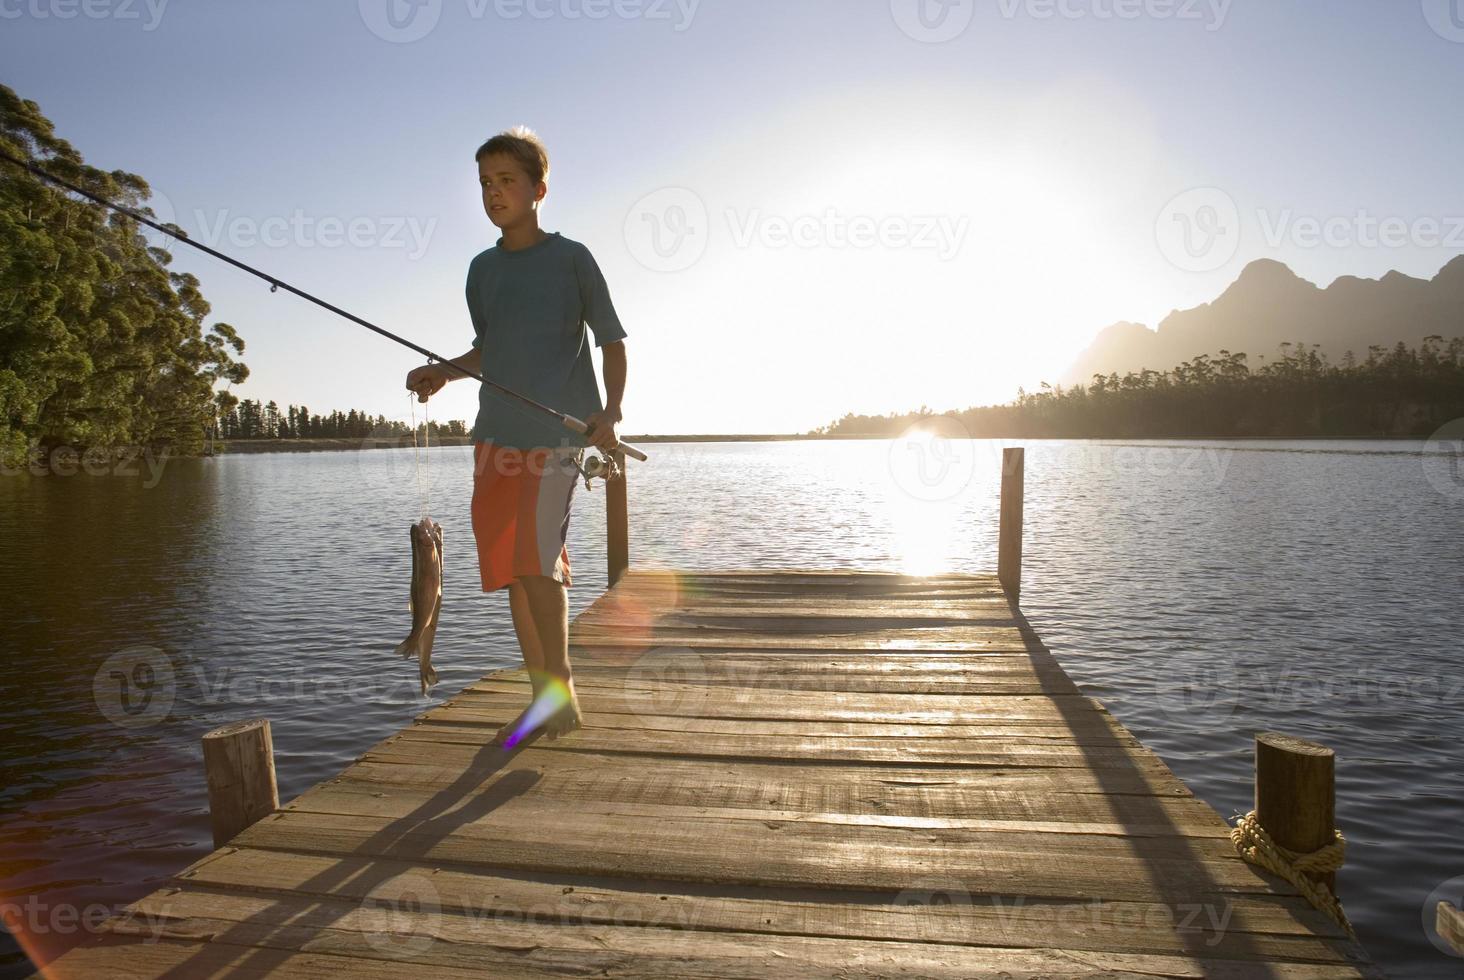 adolescente, carregando vara de pescar e peixe no cais do lago foto